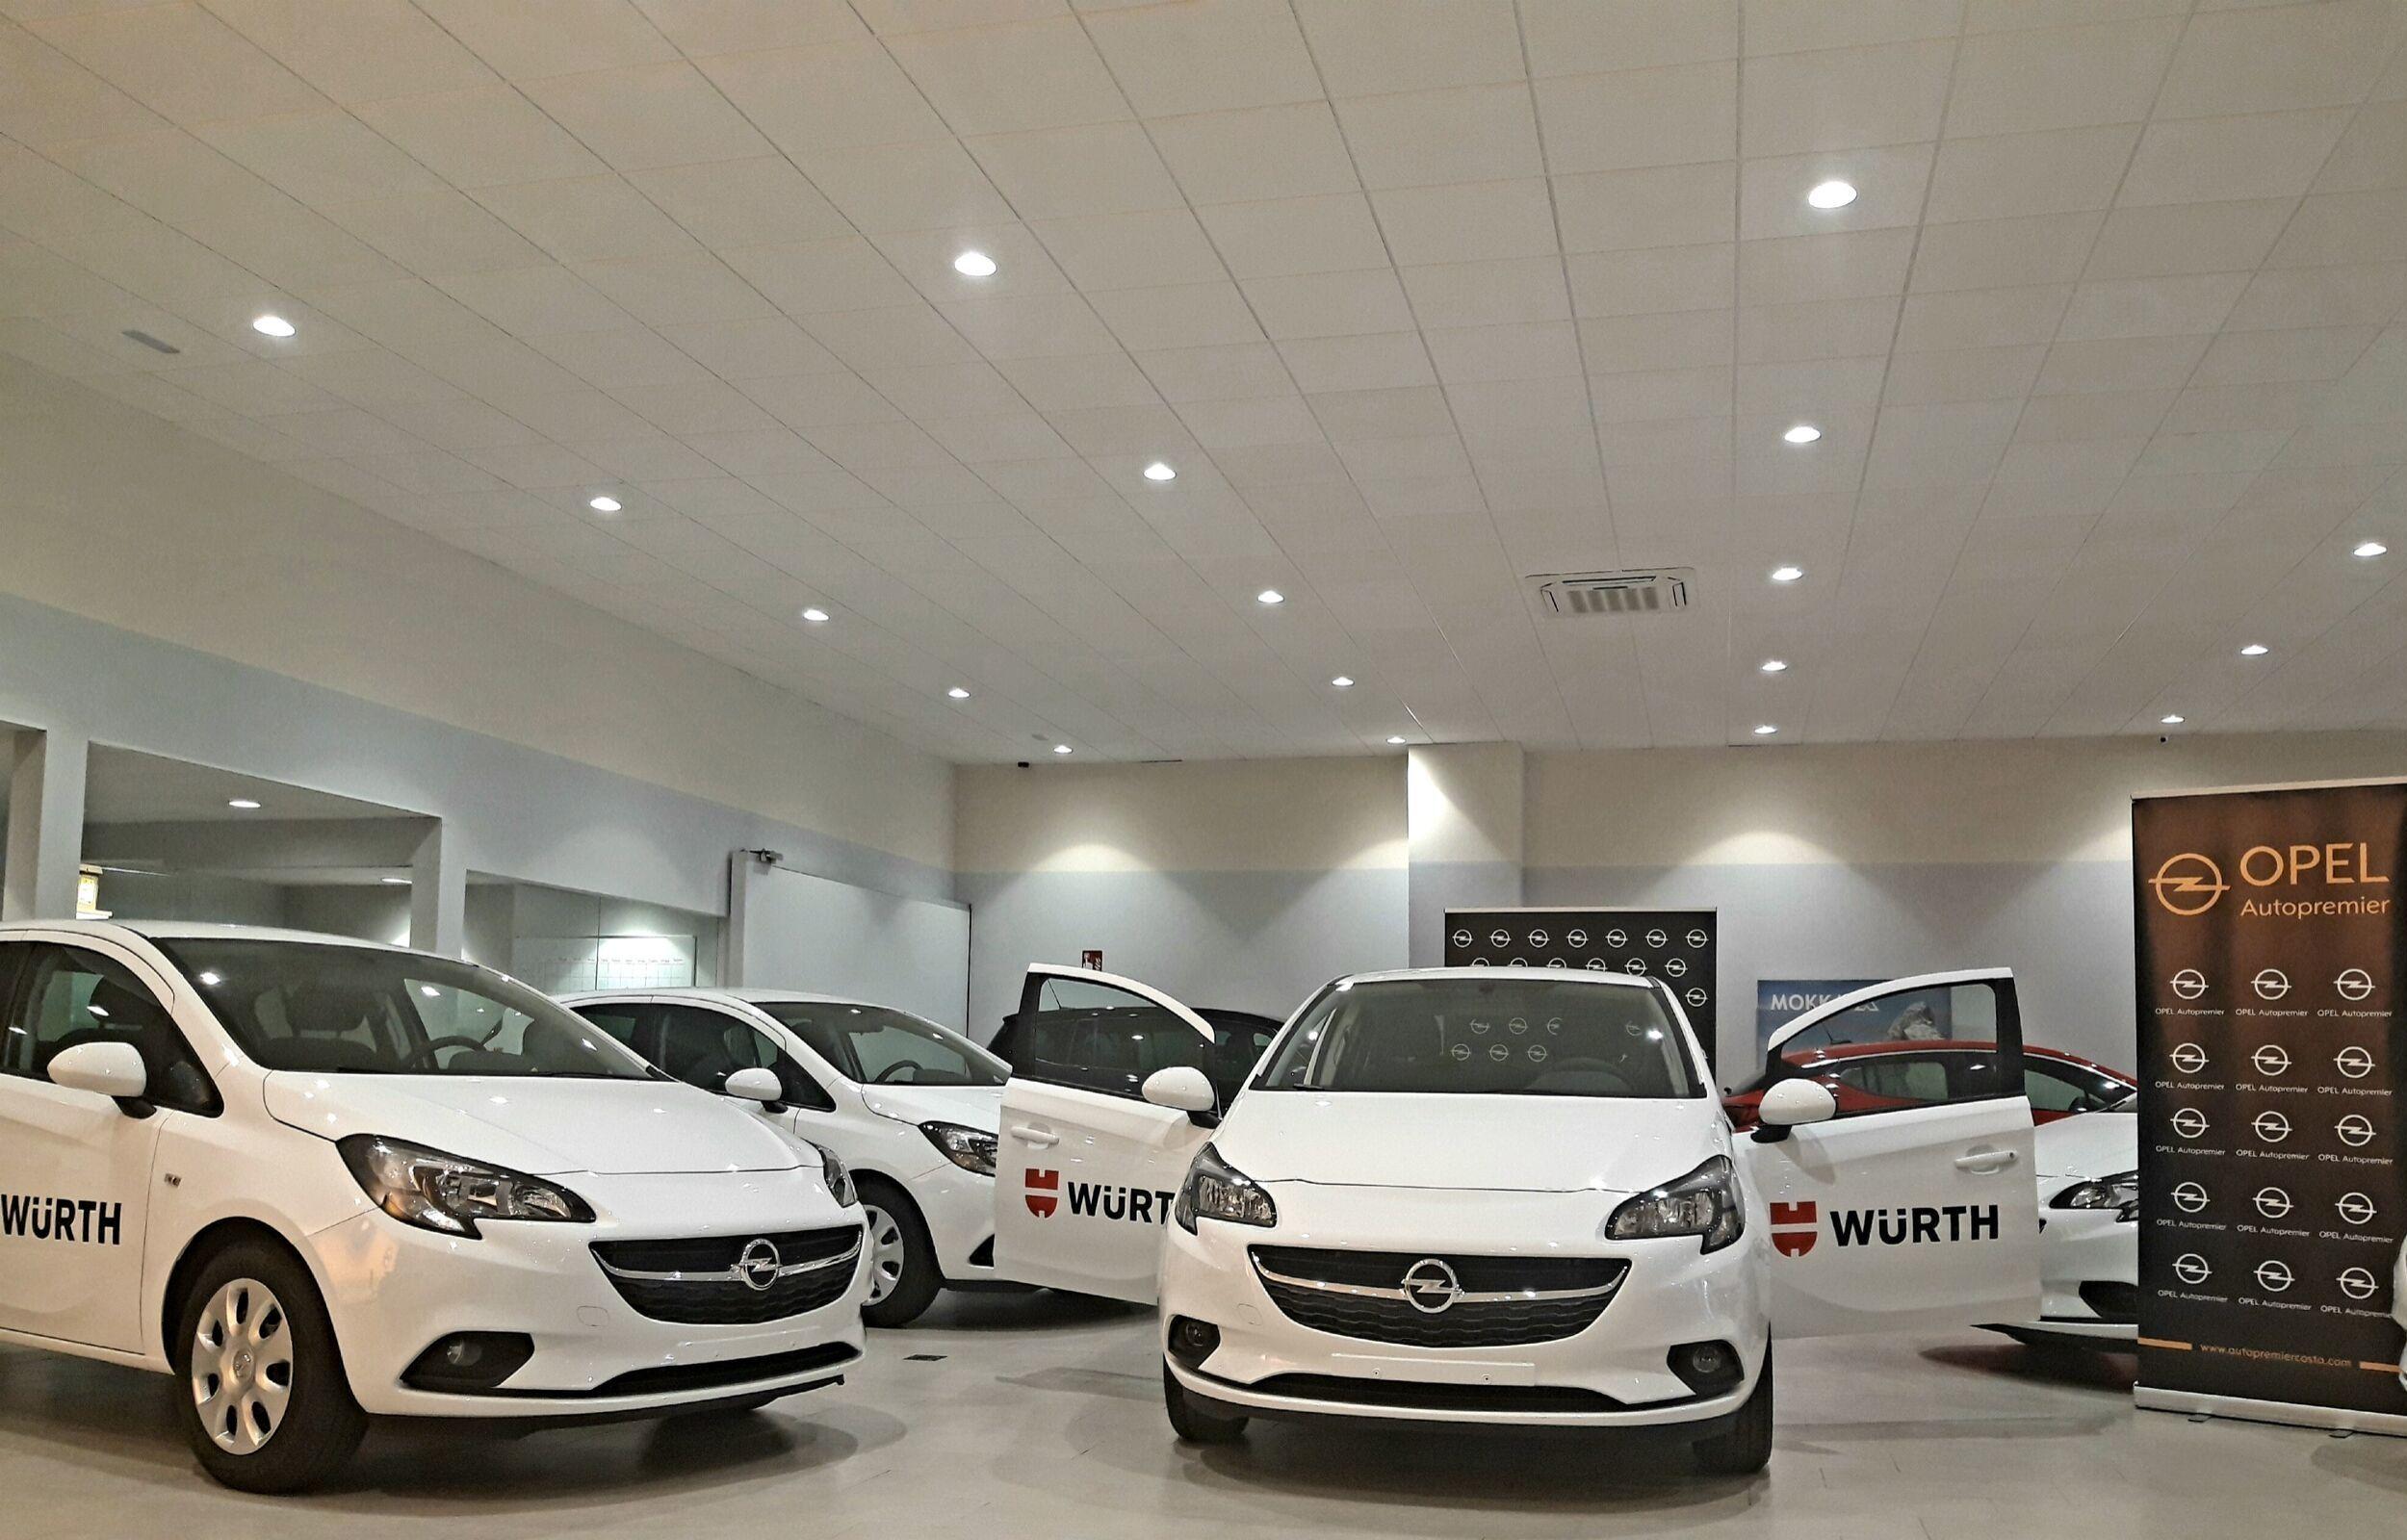 La Delegación de Wurth en Málaga adquiere nuevos vehículos de la marca Opel